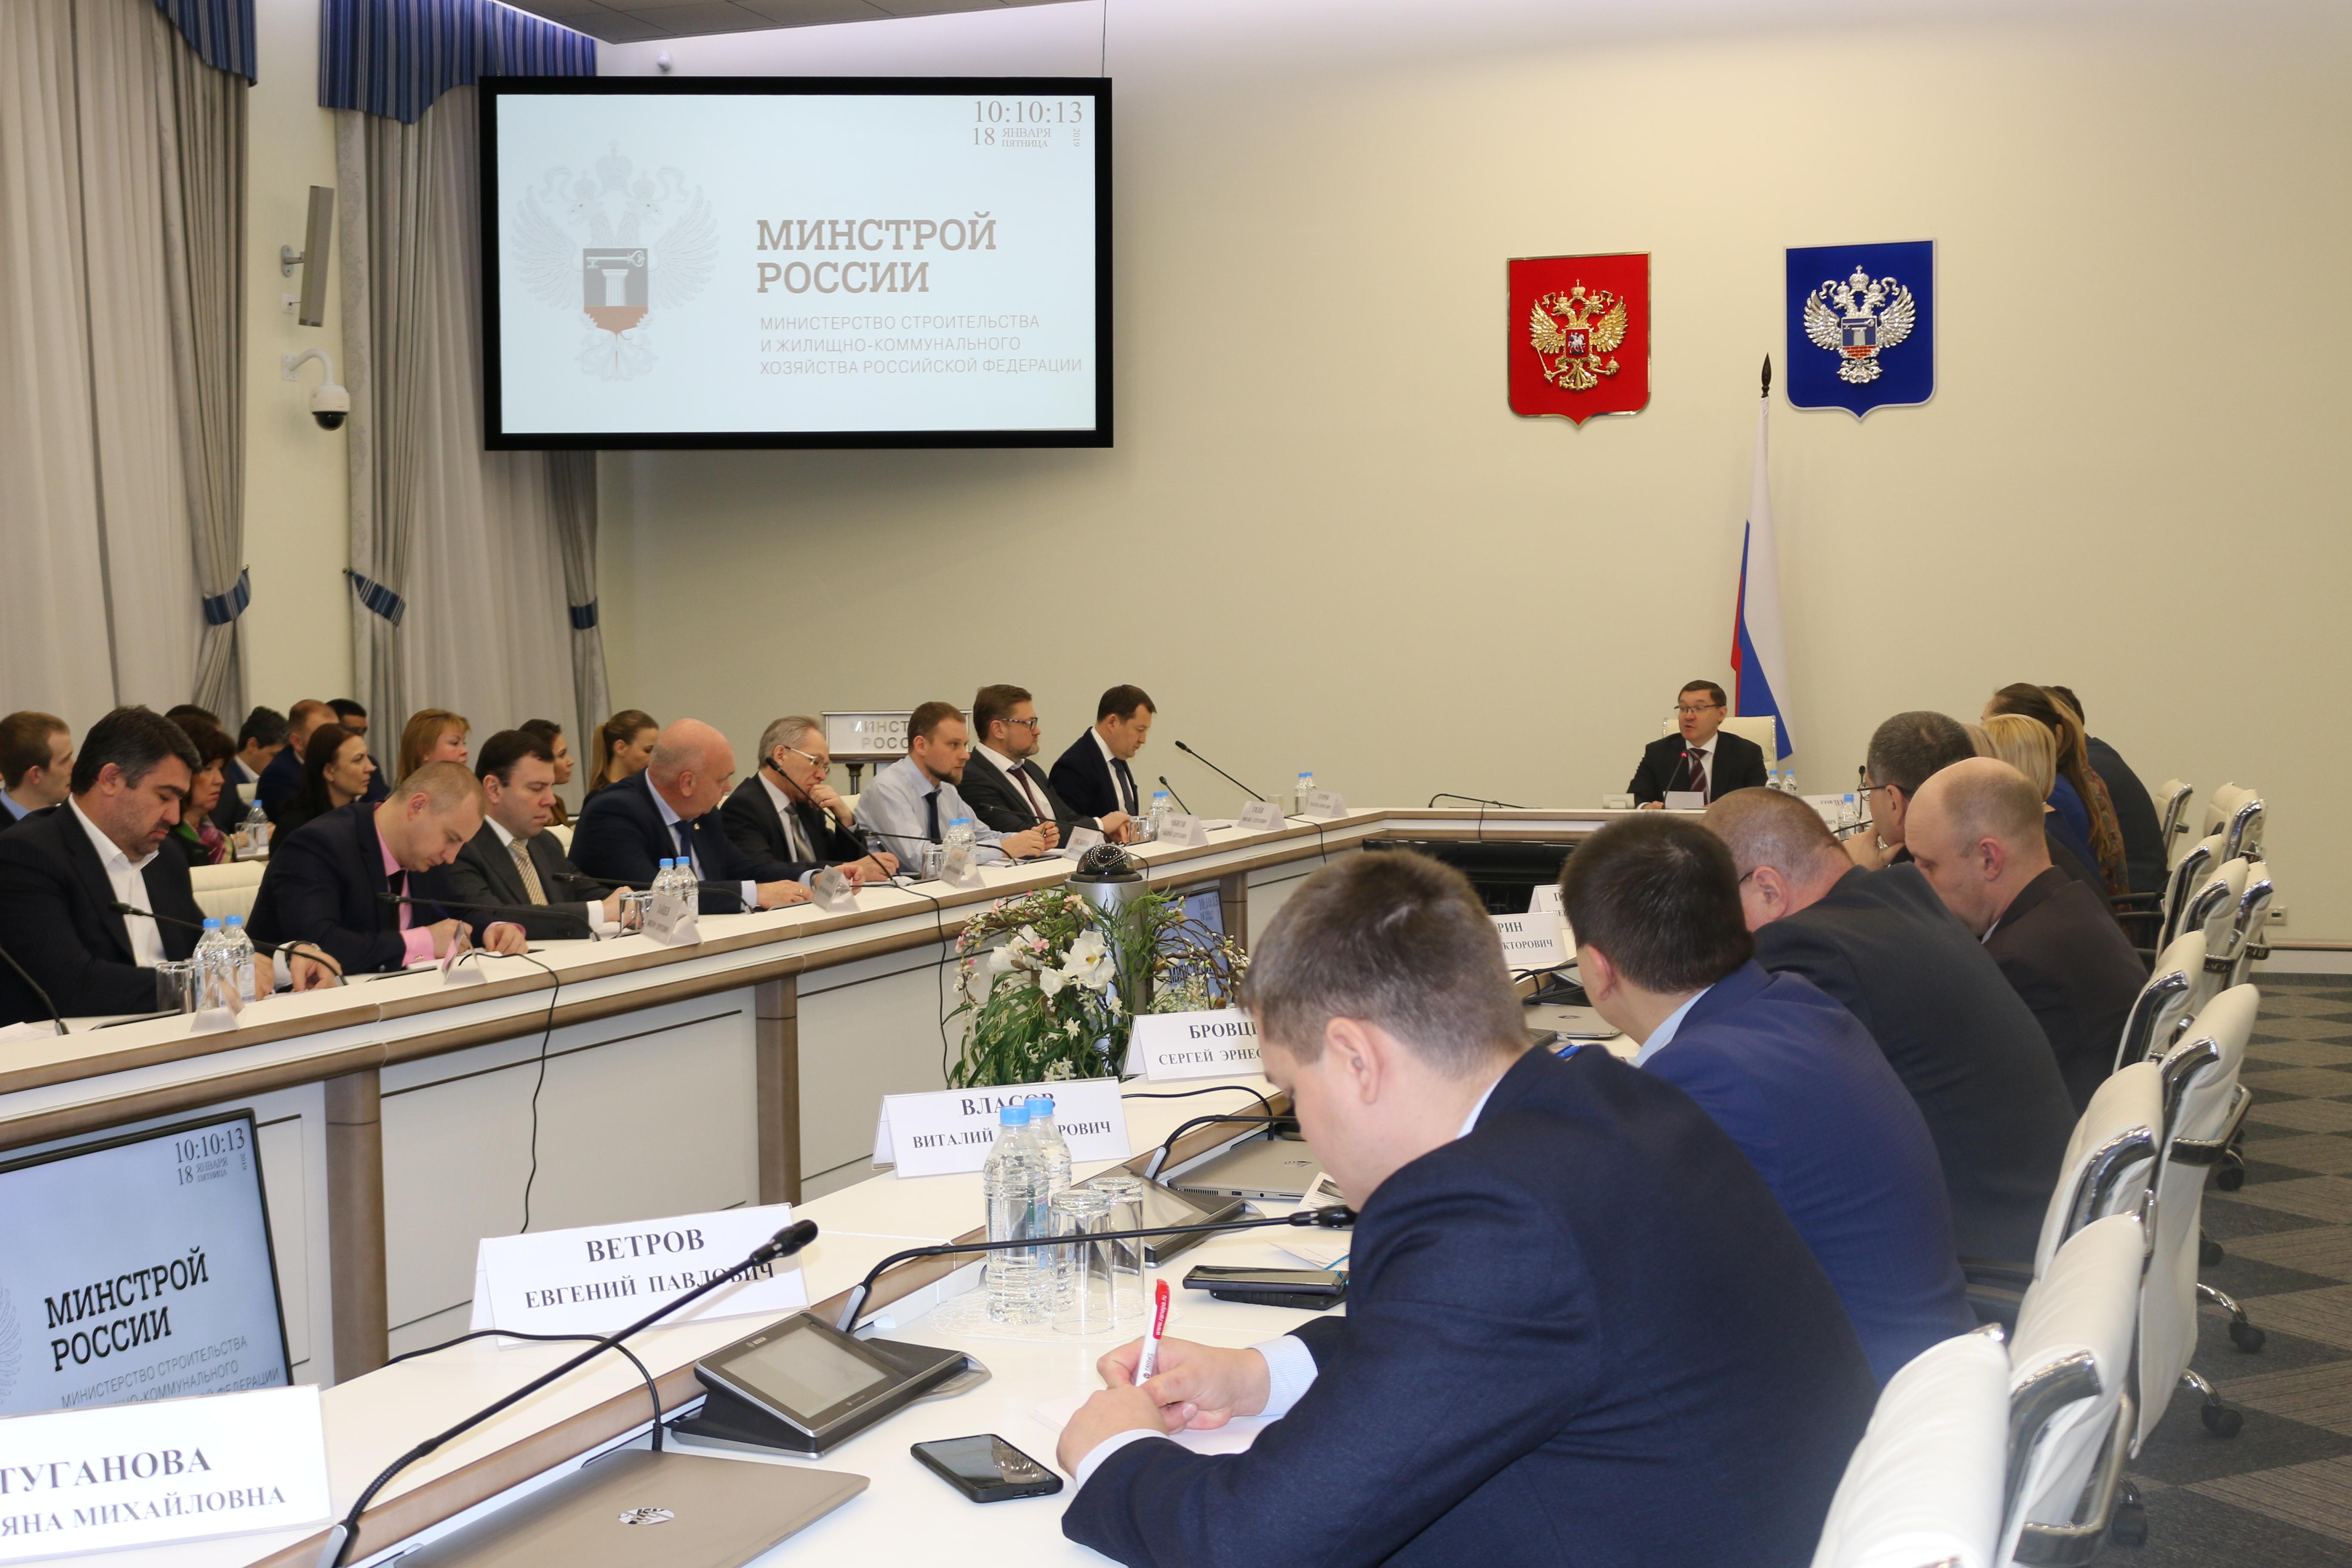 Минстрой России начал цикл образовательных семинаров по федеральным проектам